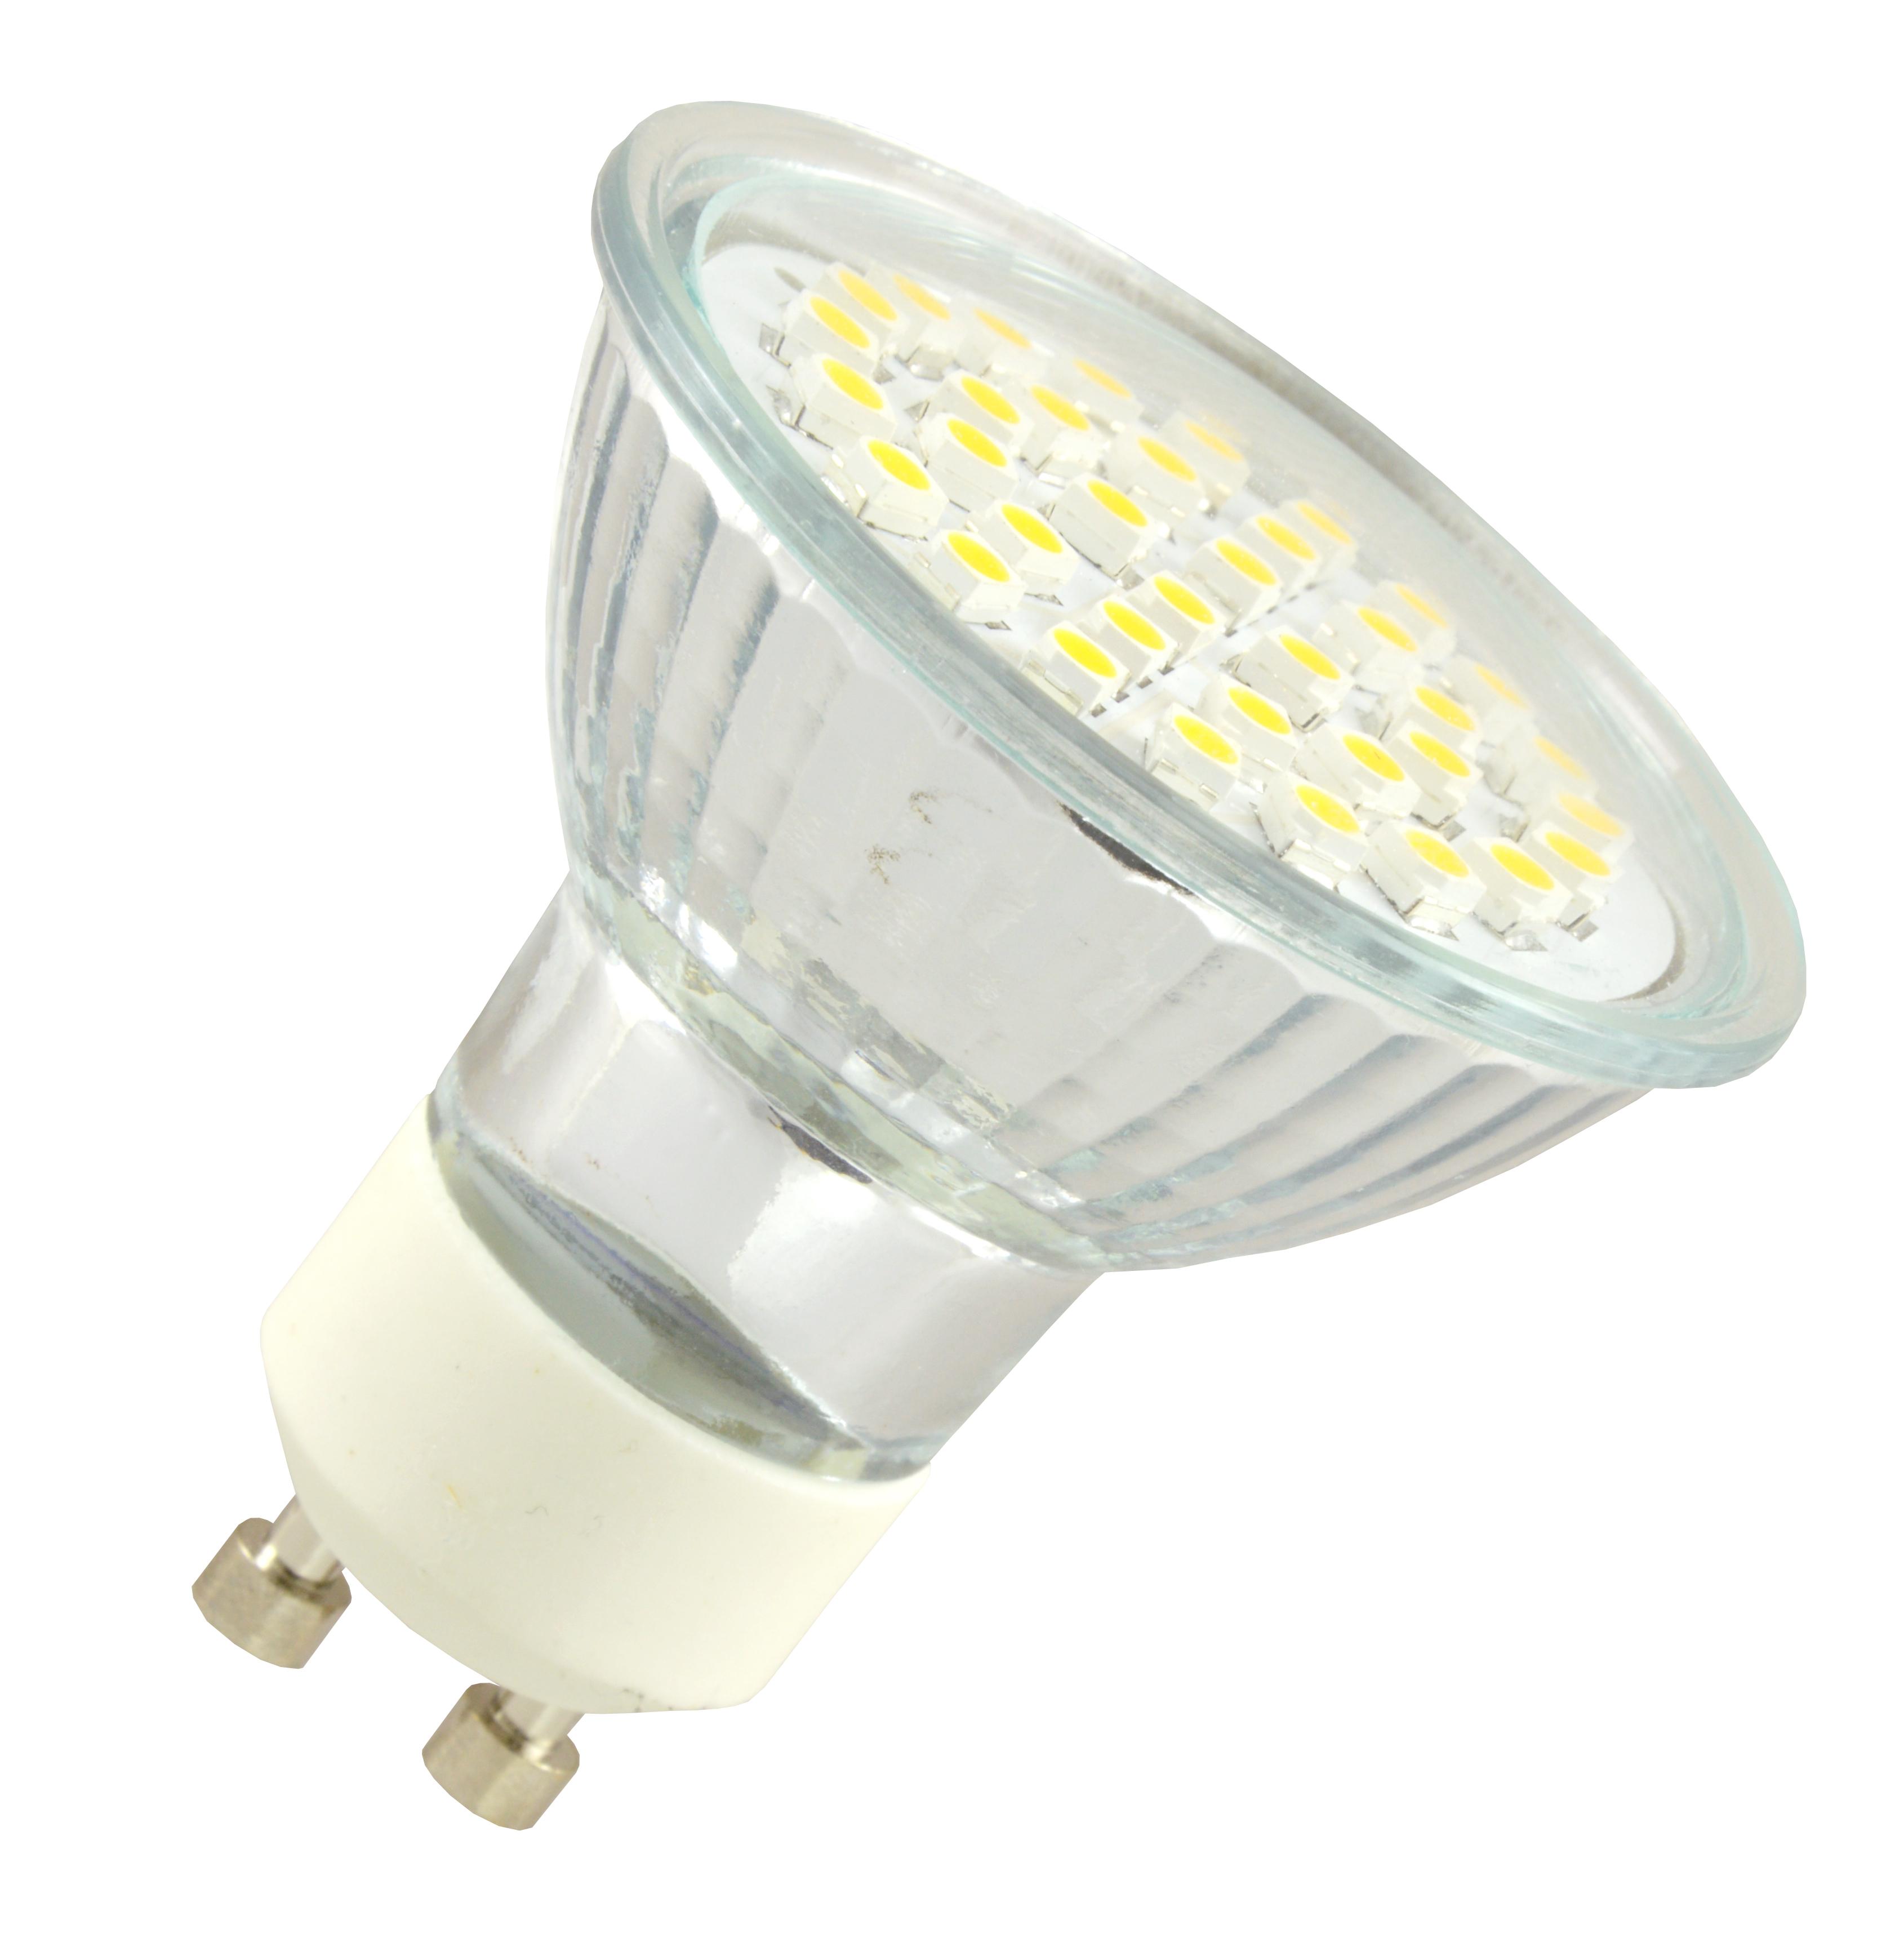 Žárovka G21 LED GU10 36 SMD2835, 230V, 4W, 360lm, bílá